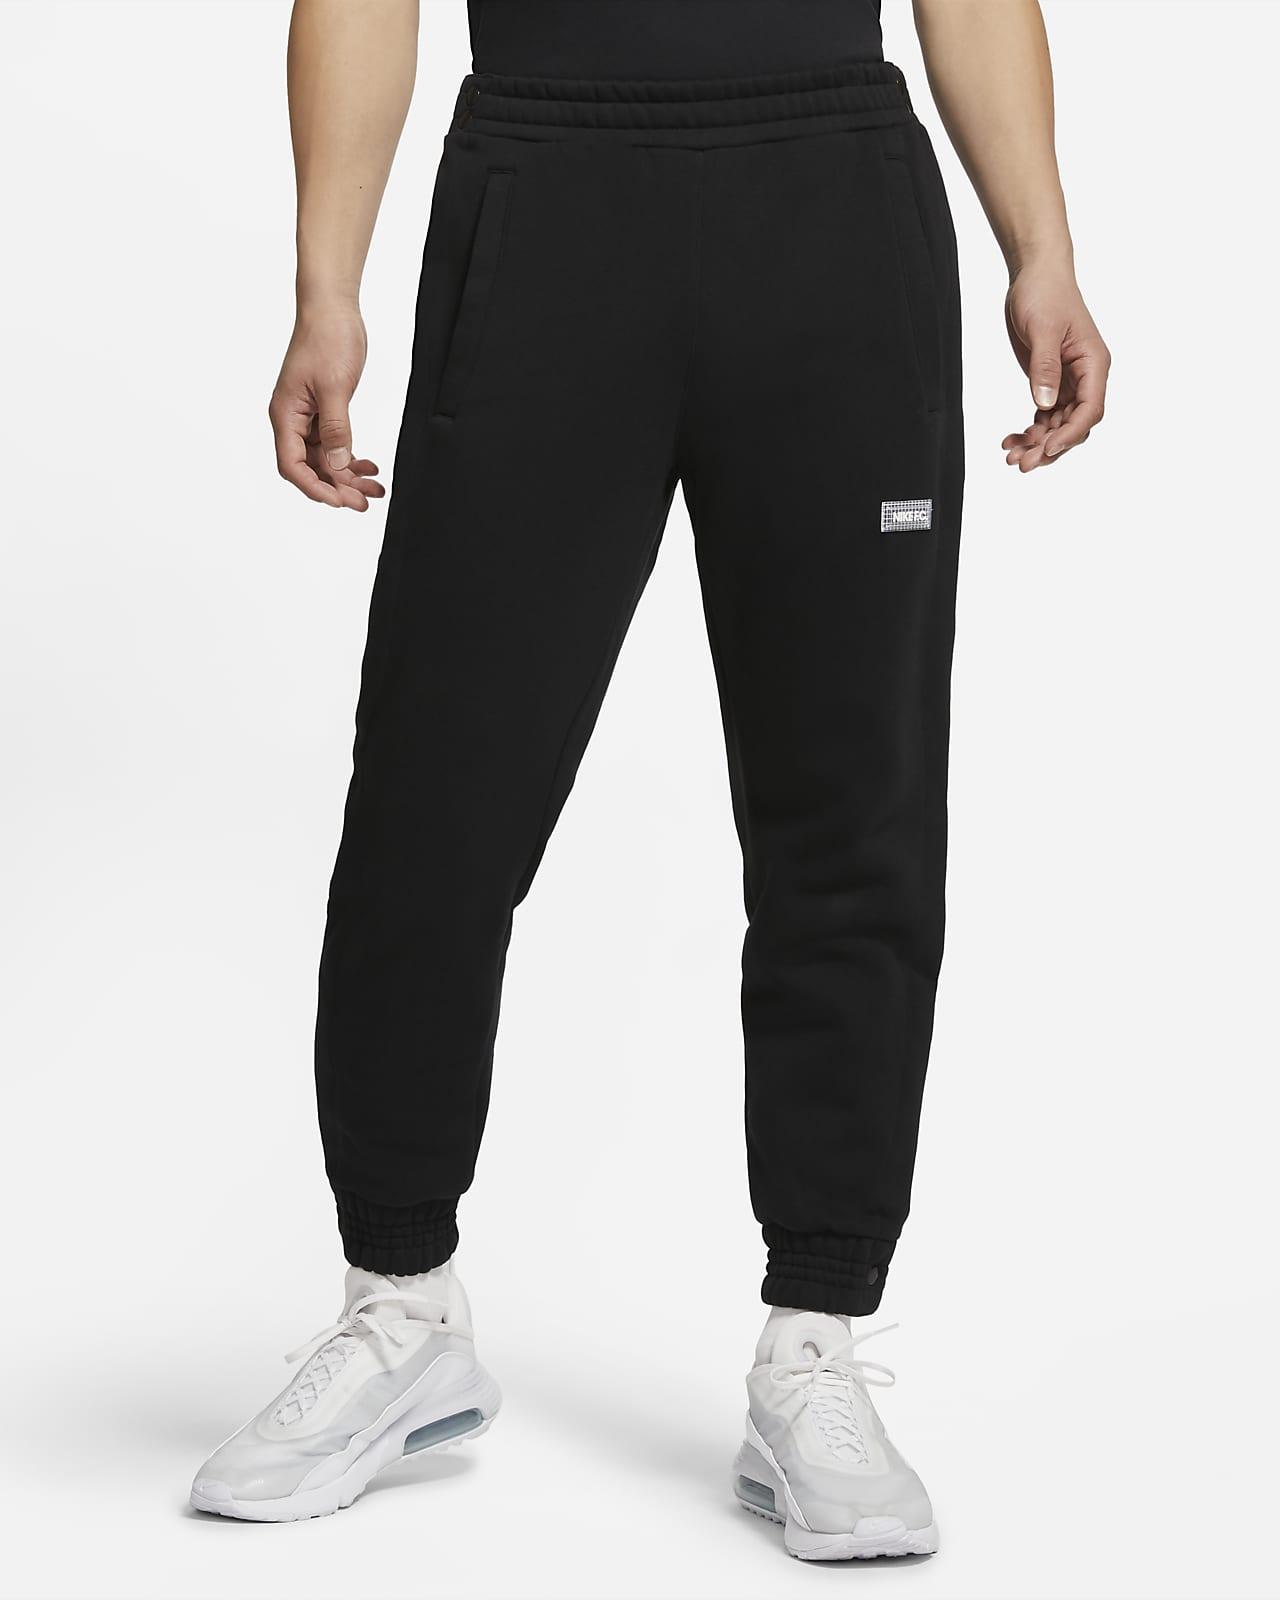 Nike F.C. 男子起绒足球长裤